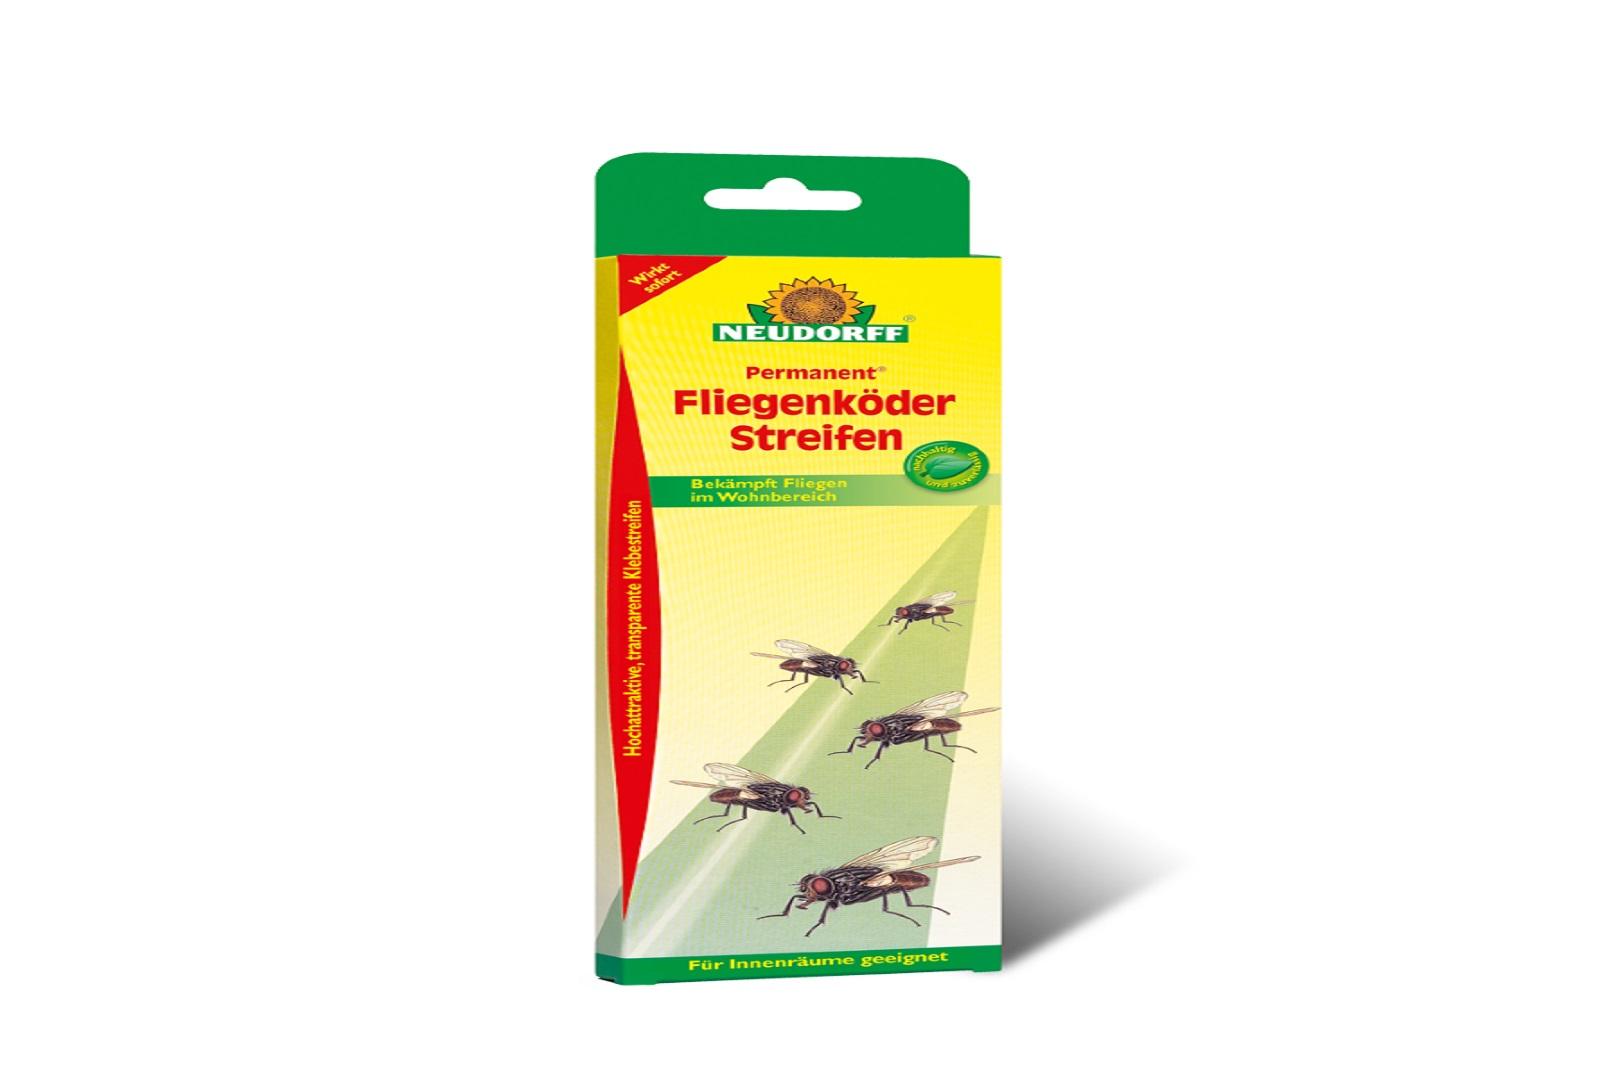 Neudorff  Permanent Fliegenköder Streifen Fliegenfalle  12 Stk in einer Pack